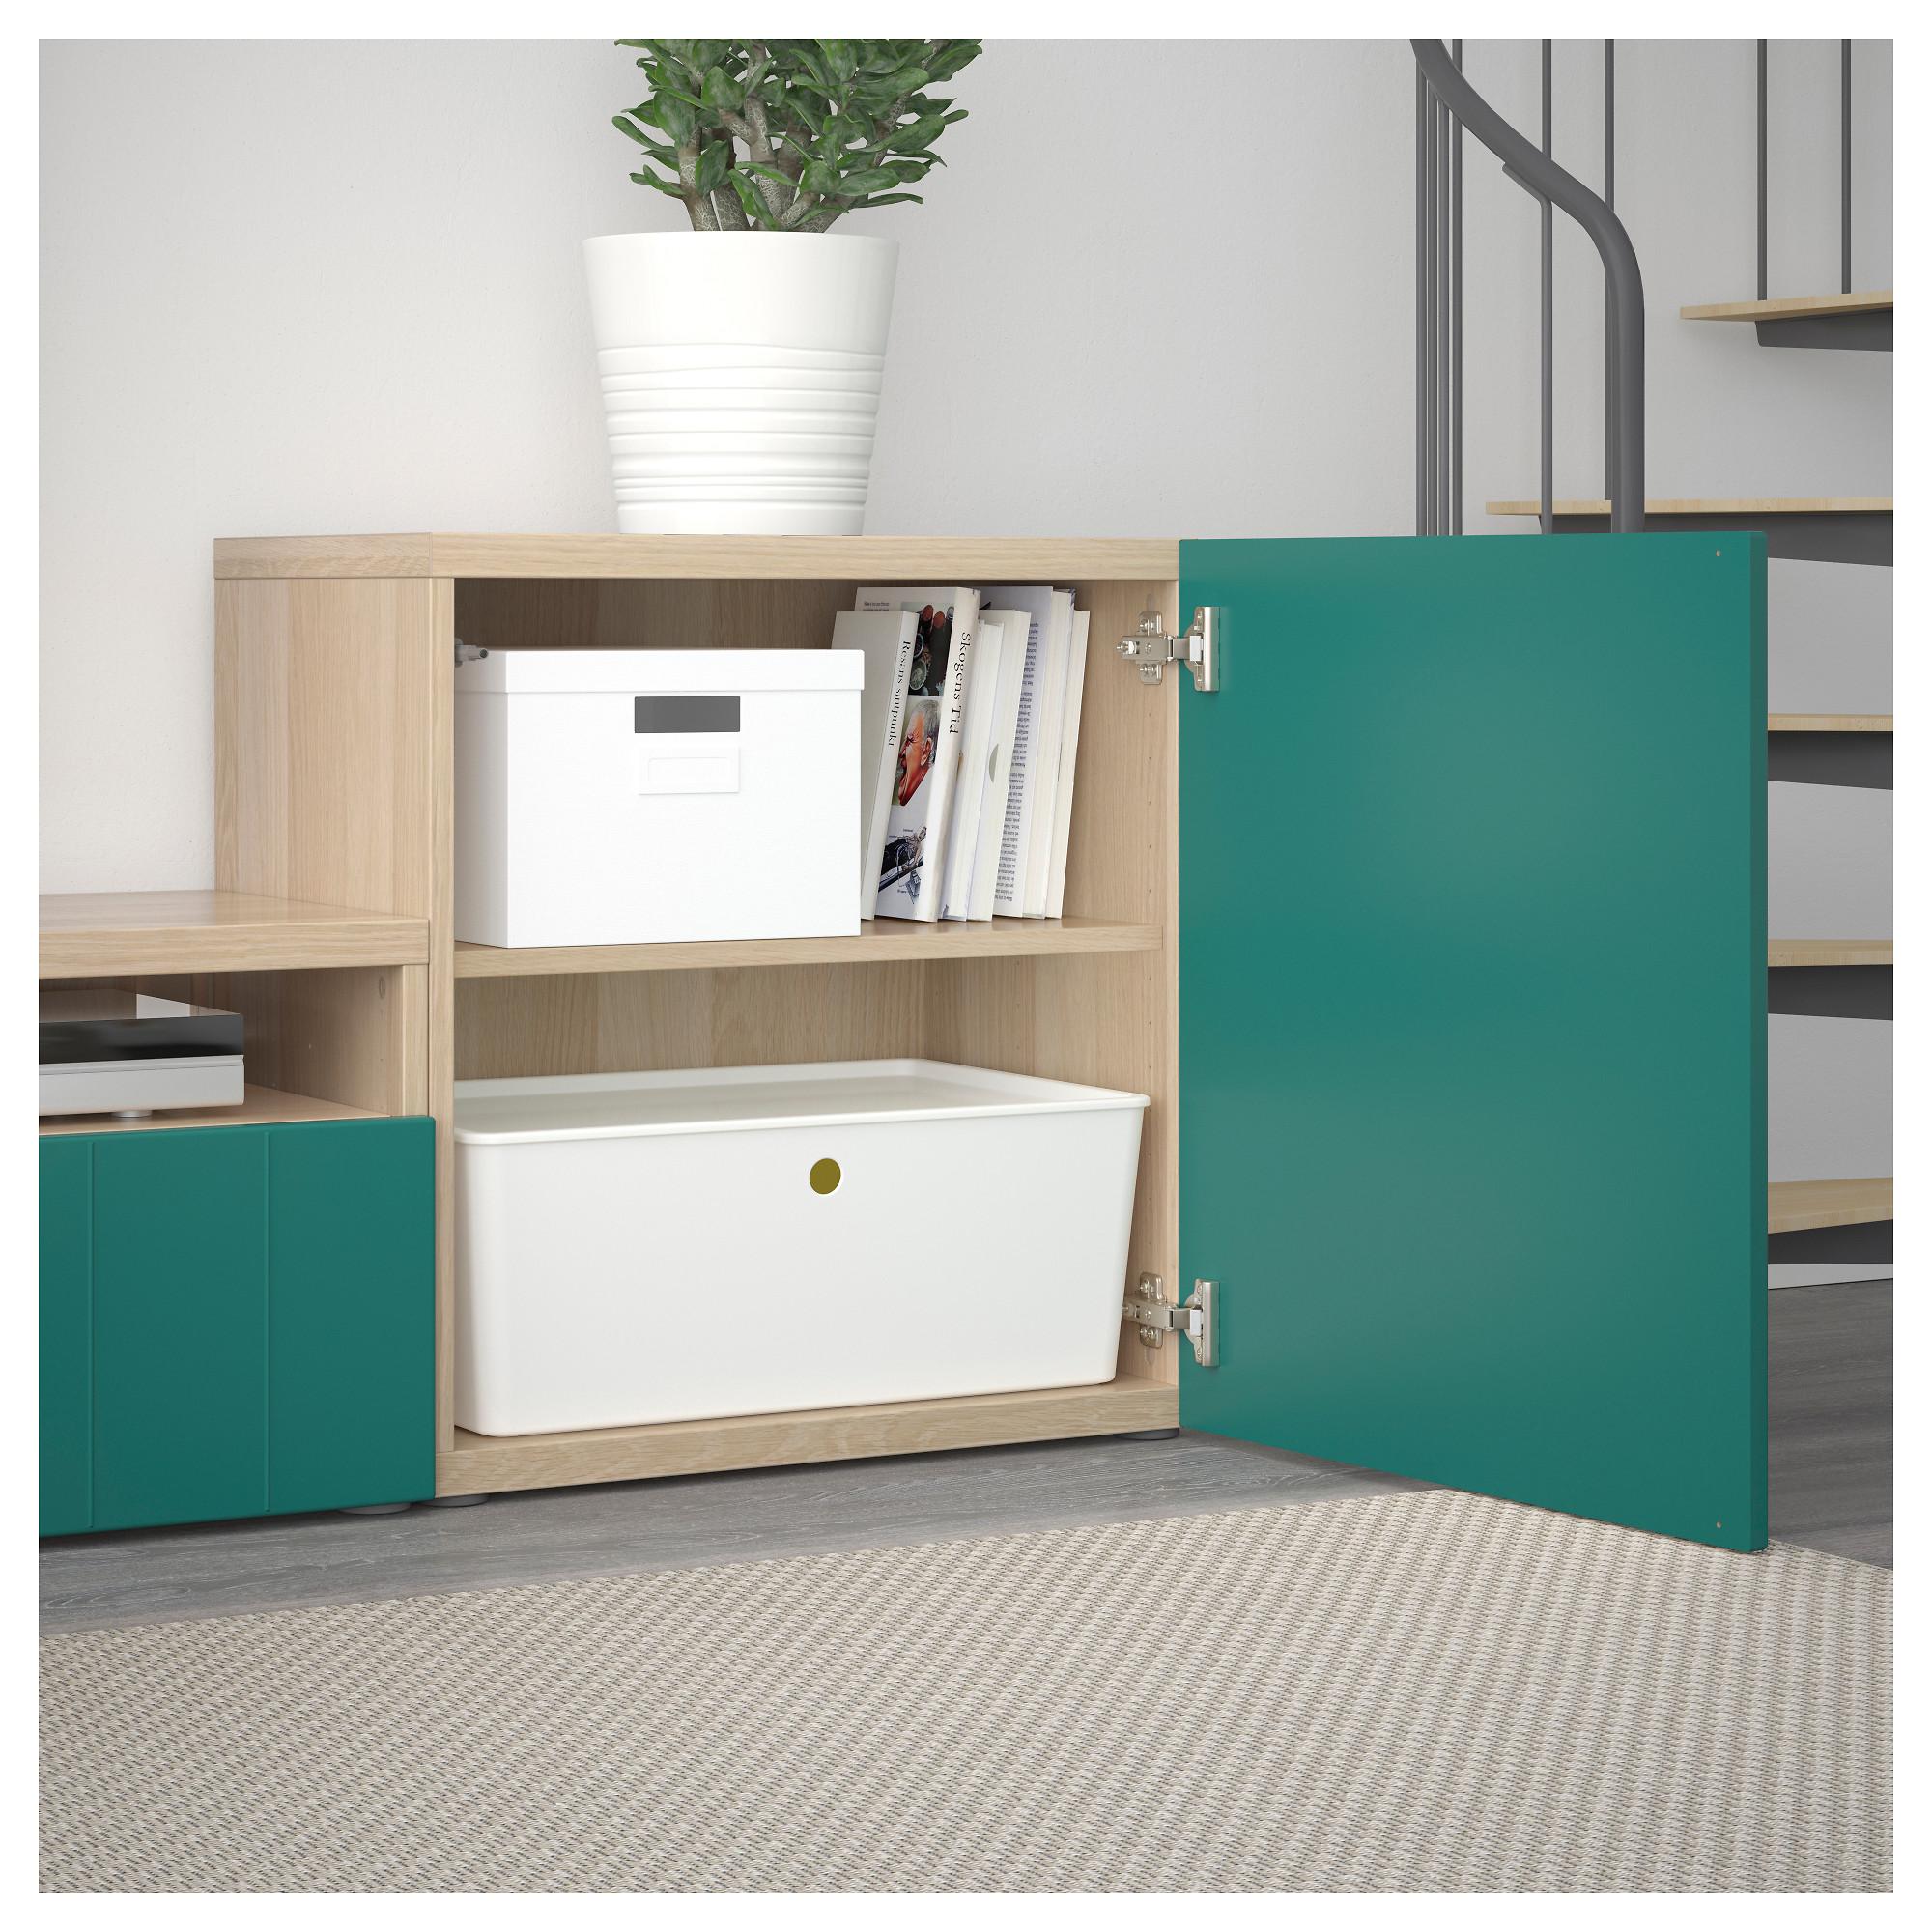 Шкаф для ТВ, комбинированный, стекляные дверцы БЕСТО сине-зеленый артикуль № 592.761.34 в наличии. Онлайн сайт IKEA Минск. Недорогая доставка и соборка.